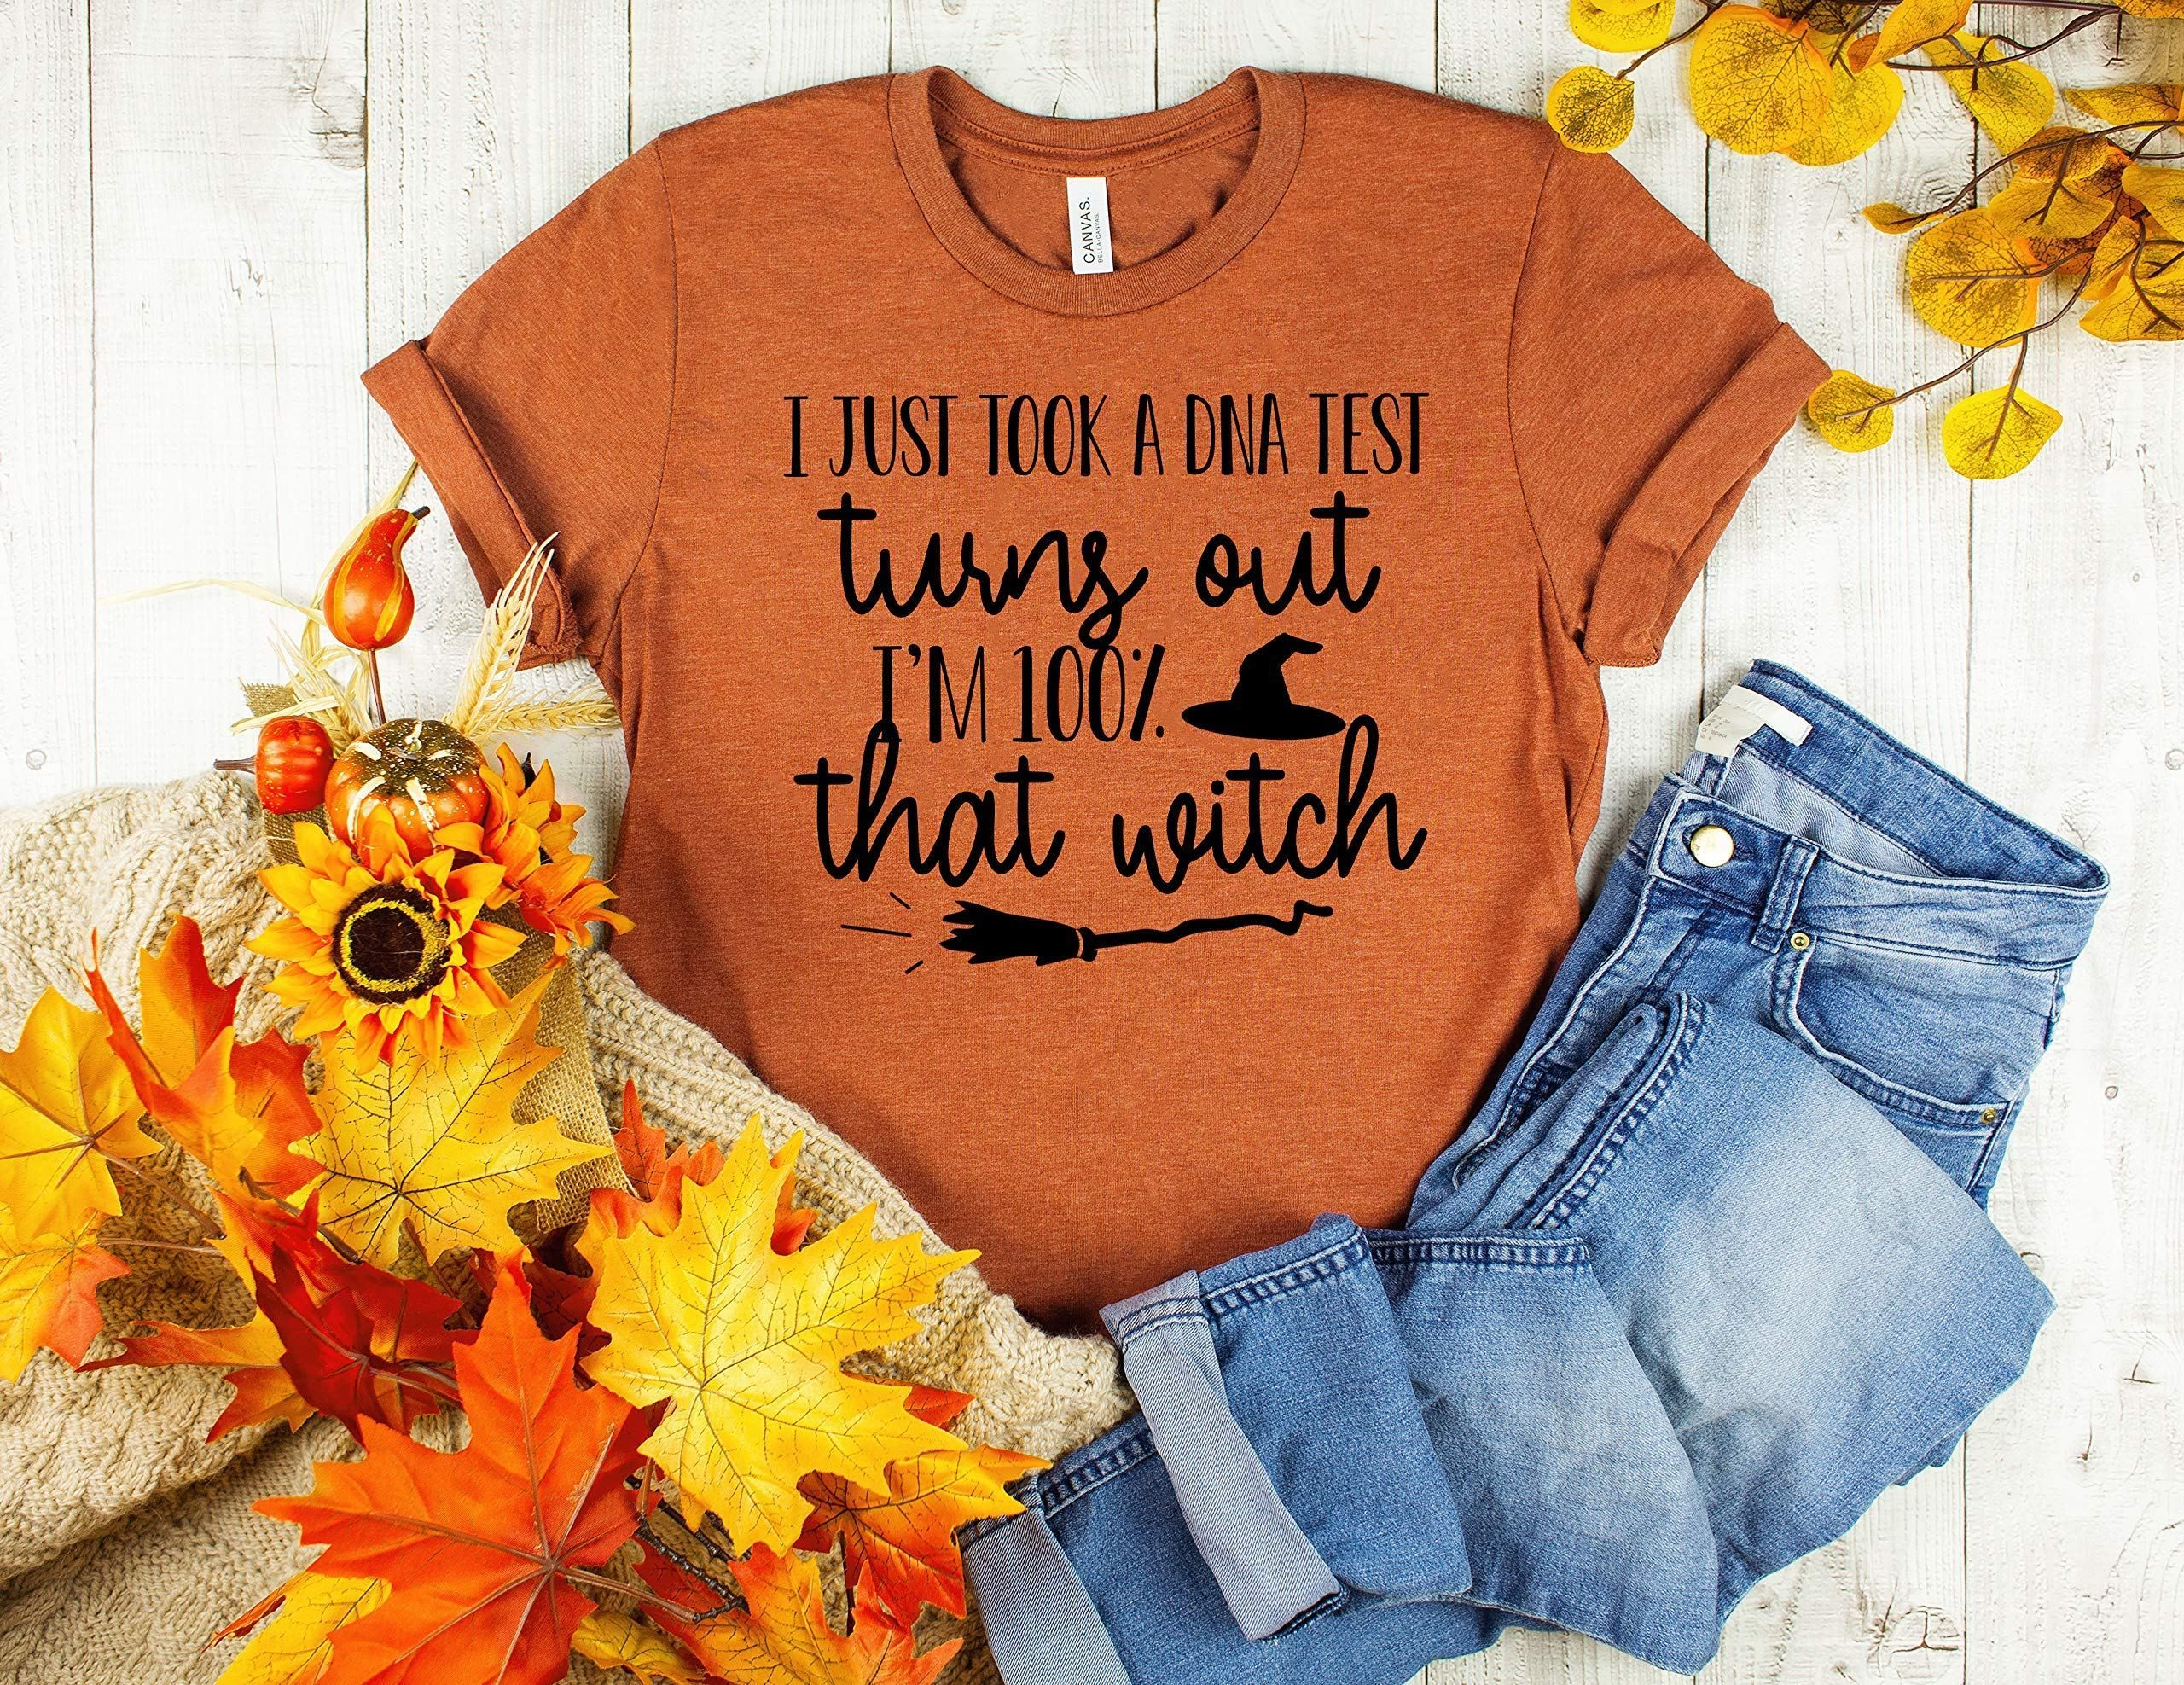 Autumn tshirt Cute Witch Shirt Cute Fall tee Pumpkin tshirt Funny Fall Hey There Pumpkin tshirt Halloween tshirt Cute Halloween Shirt